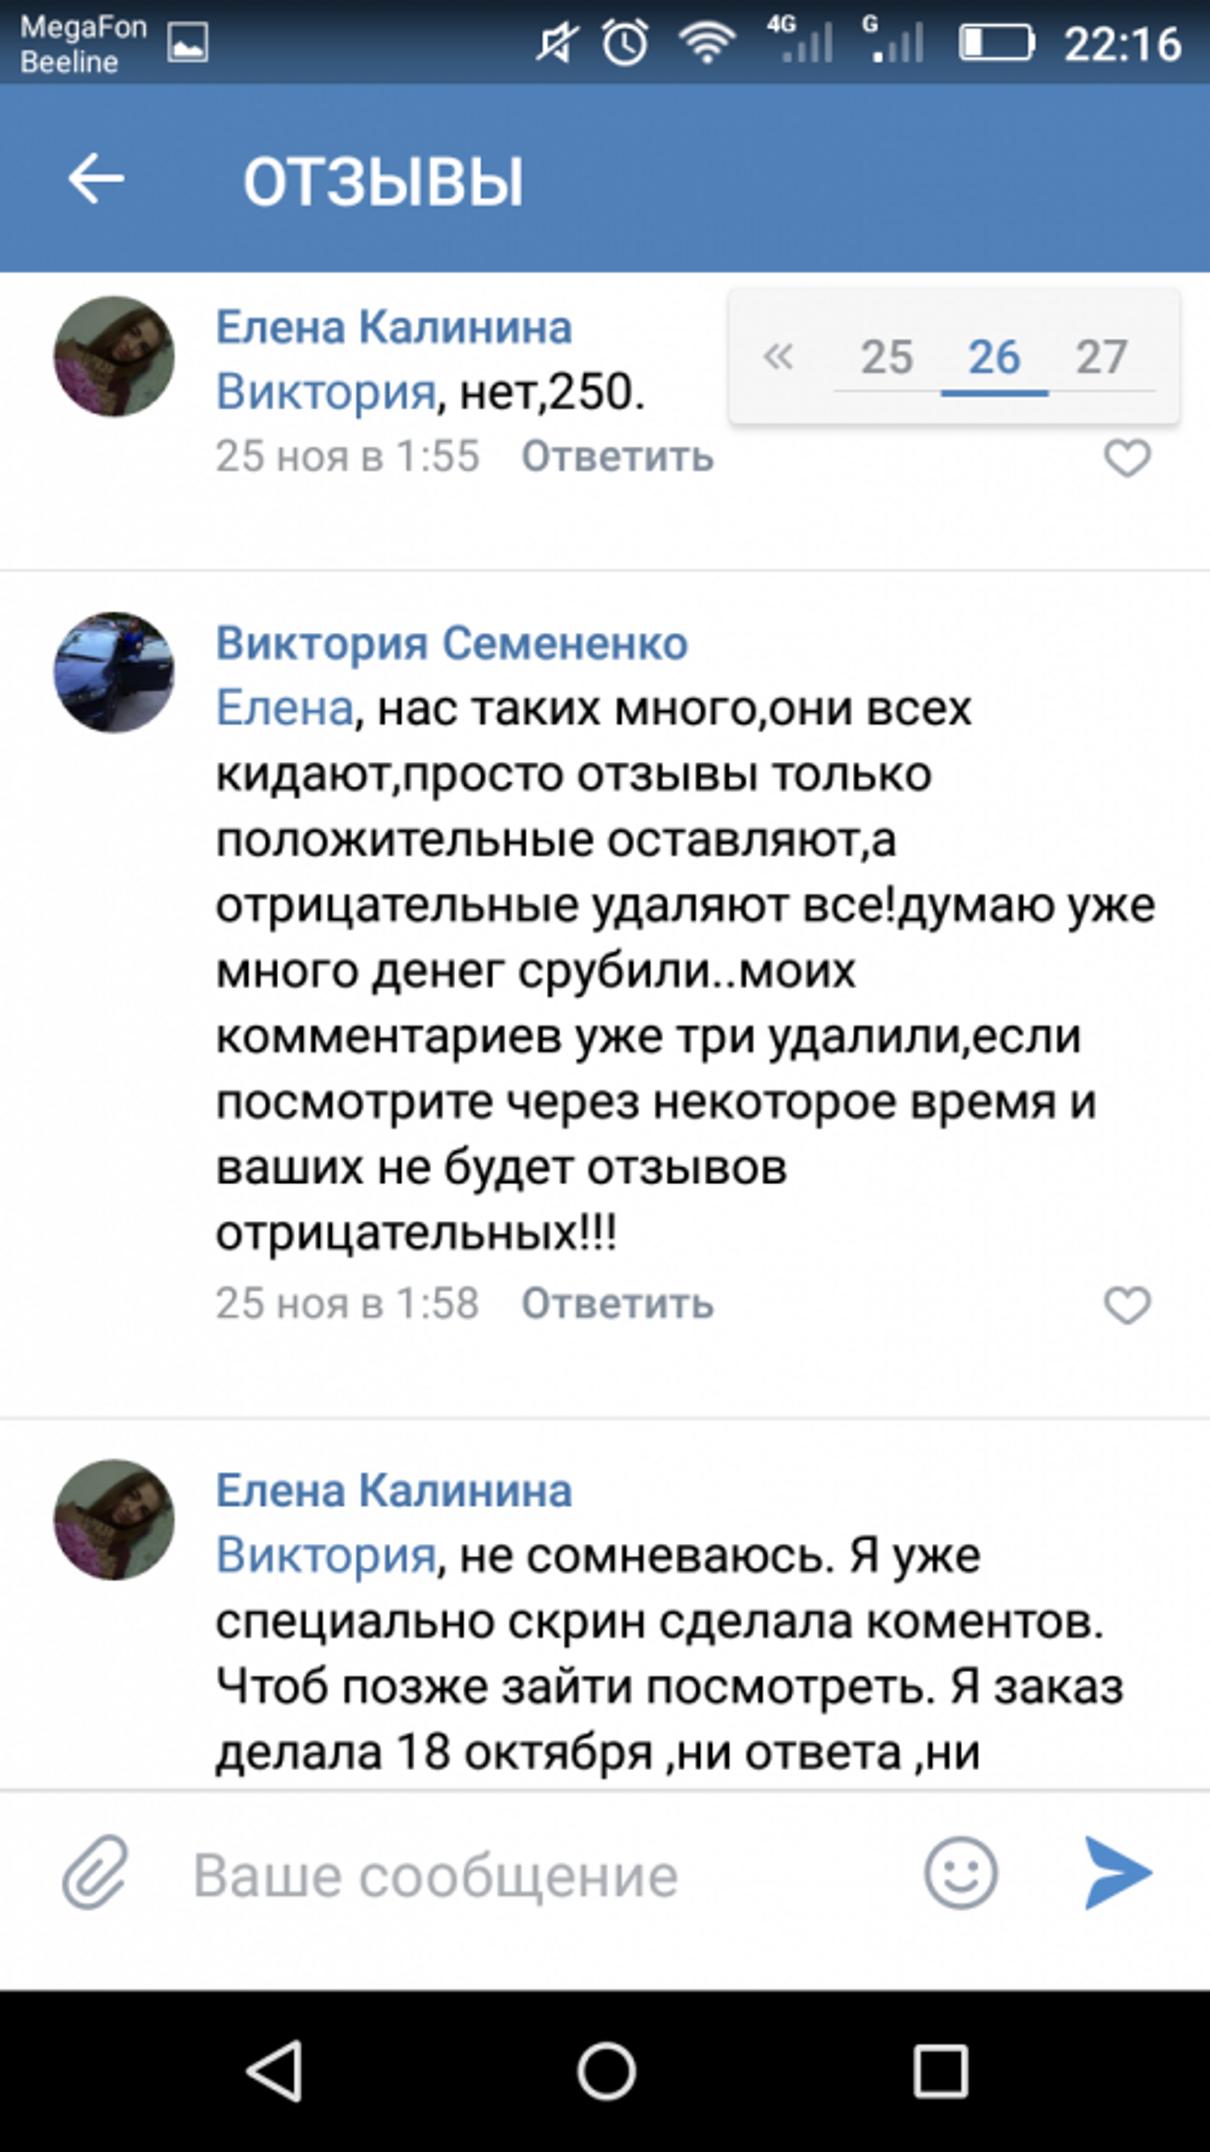 Жалоба-отзыв: Ильдар Идрисов - Интернет магазин мошенник.  Фото №5